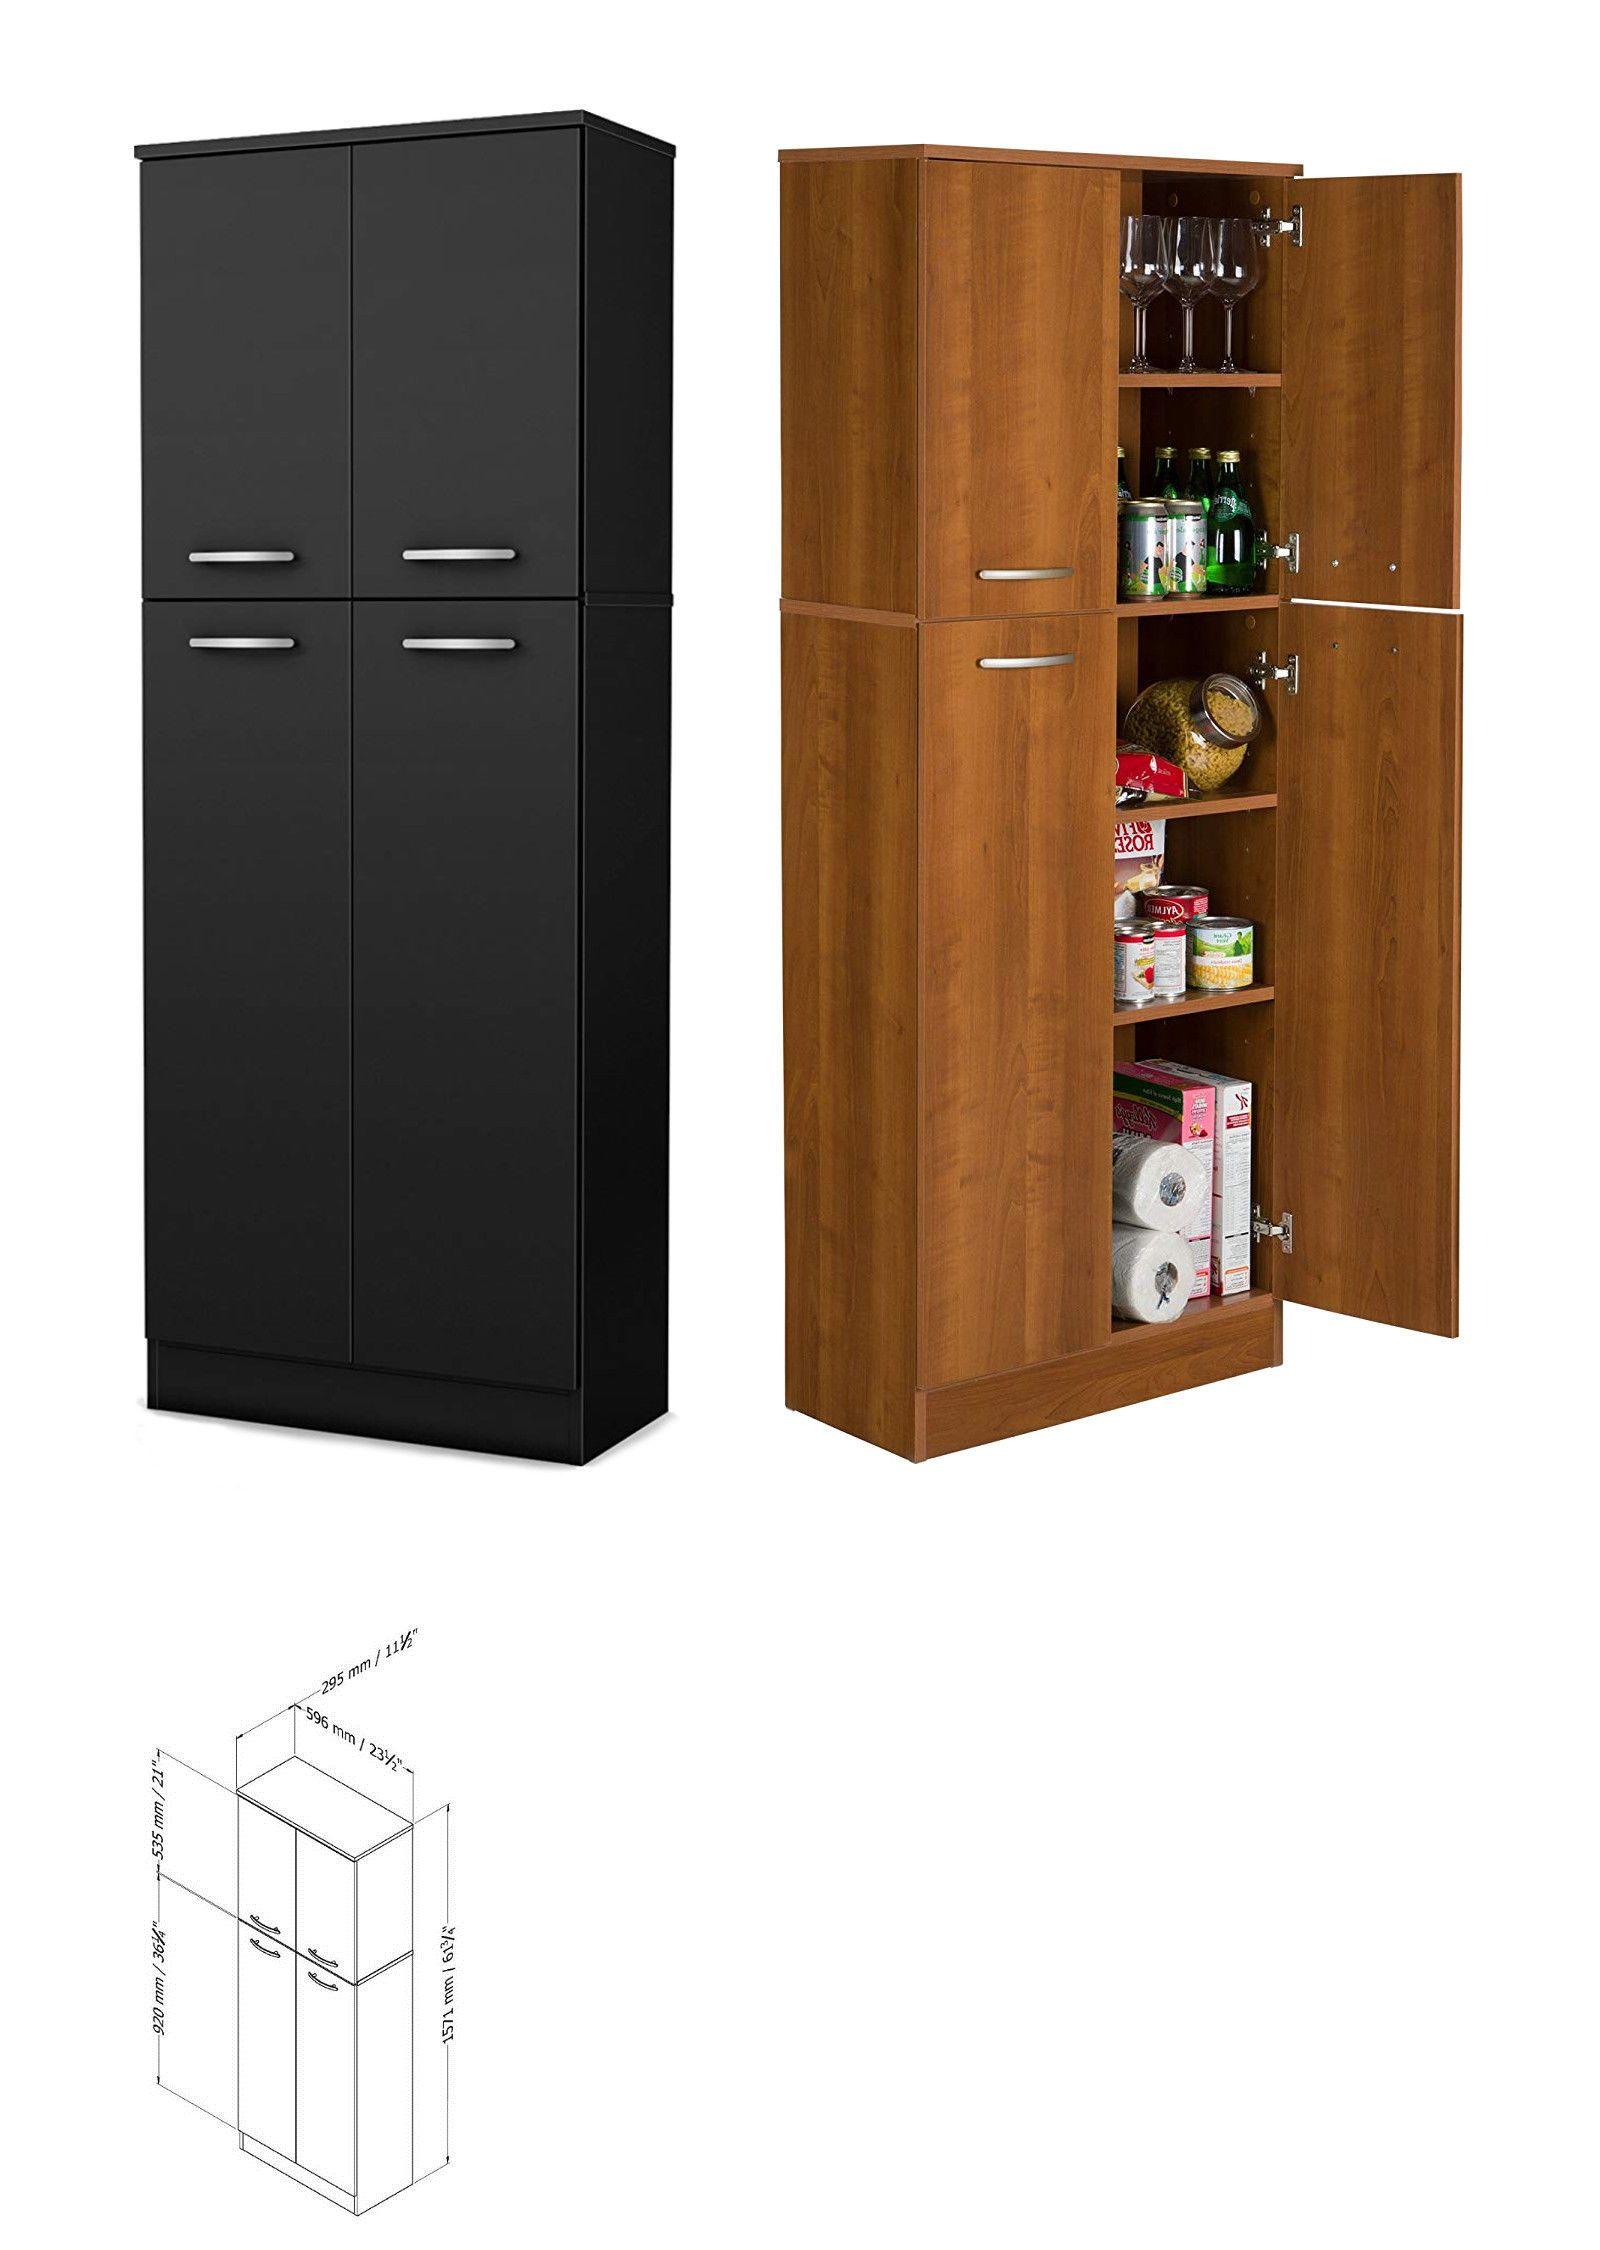 Kitchen Pantry Storage Cabinet Tall 5 Shelf 4 Door Food Organizer Wood Cupboard Ebay Kitchen Pantry Storage Cabinet Kitchen Pantry Storage